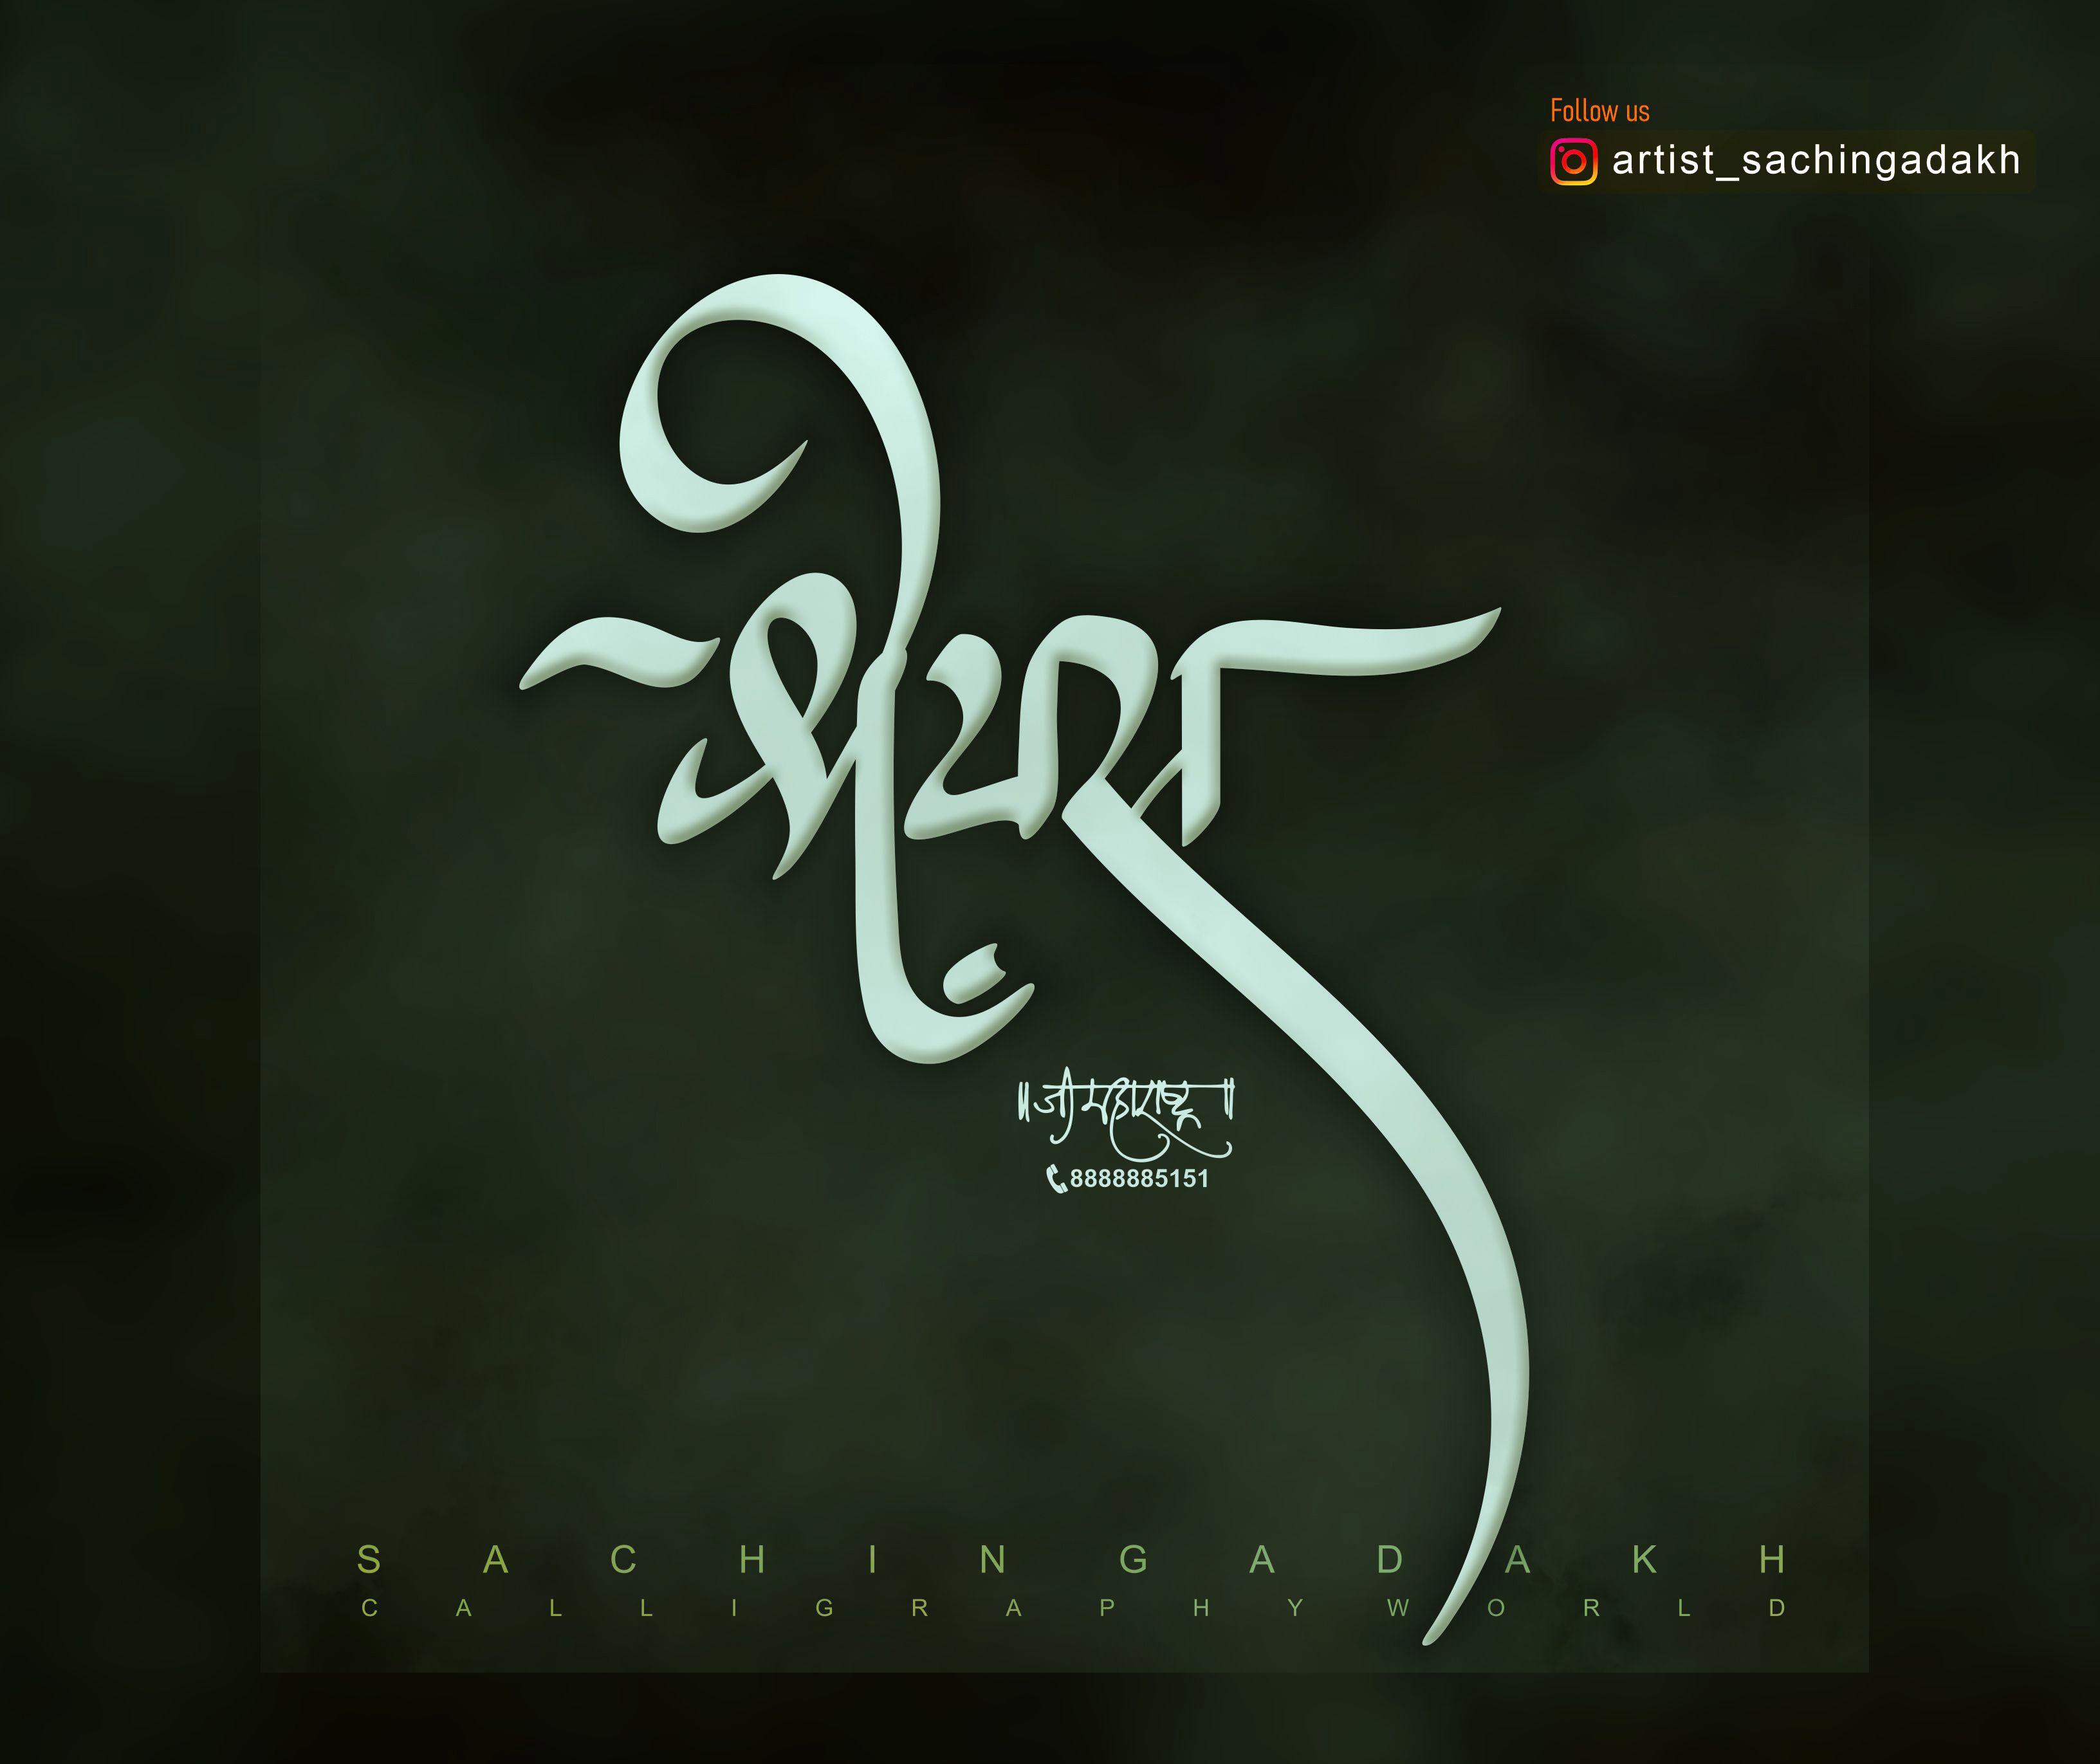 श्रेयस in 2020 Marathi calligraphy, Calligraphy, Caligraphy